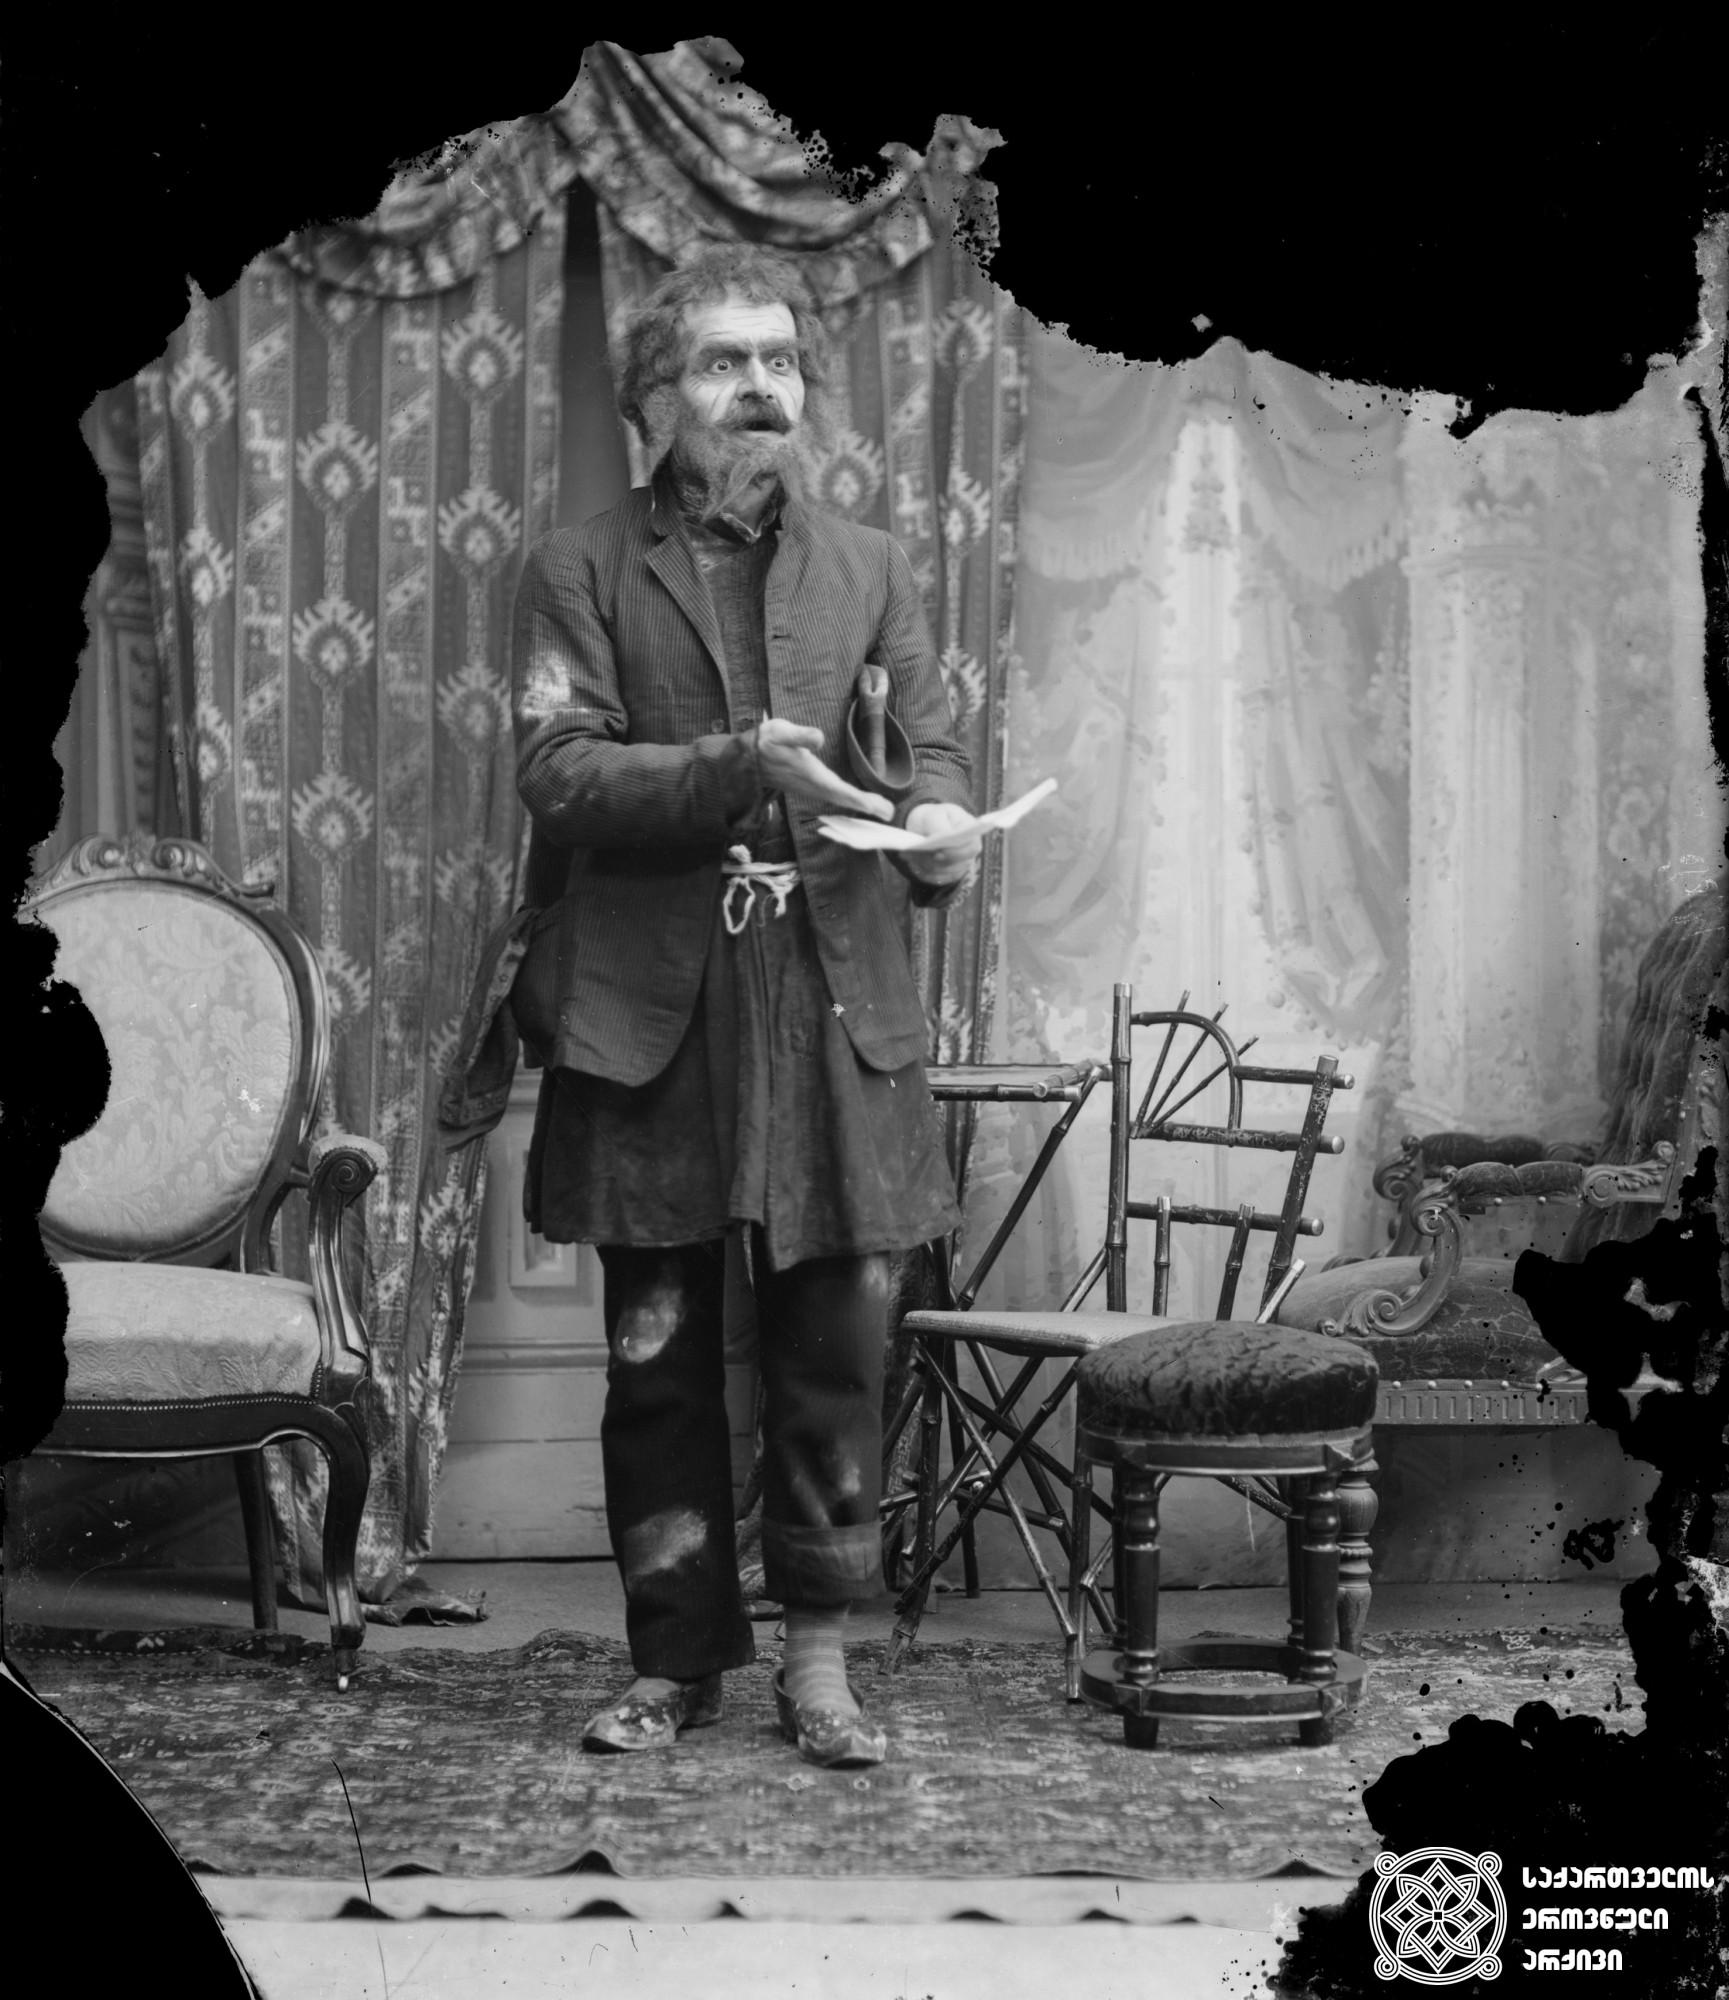 """მსახიობი ნემო (მიხეილ ჯანოევი) ყობოს როლში, პიესიდან """"უბედური დღე"""". <br> მინის ნეგატივი 12X16. <br> Actor Nemo (Mikheil Janoev) in the role of Kobo, from the play """"Unfortunate Day"""". <br> Glass negative 12X16. <br>"""